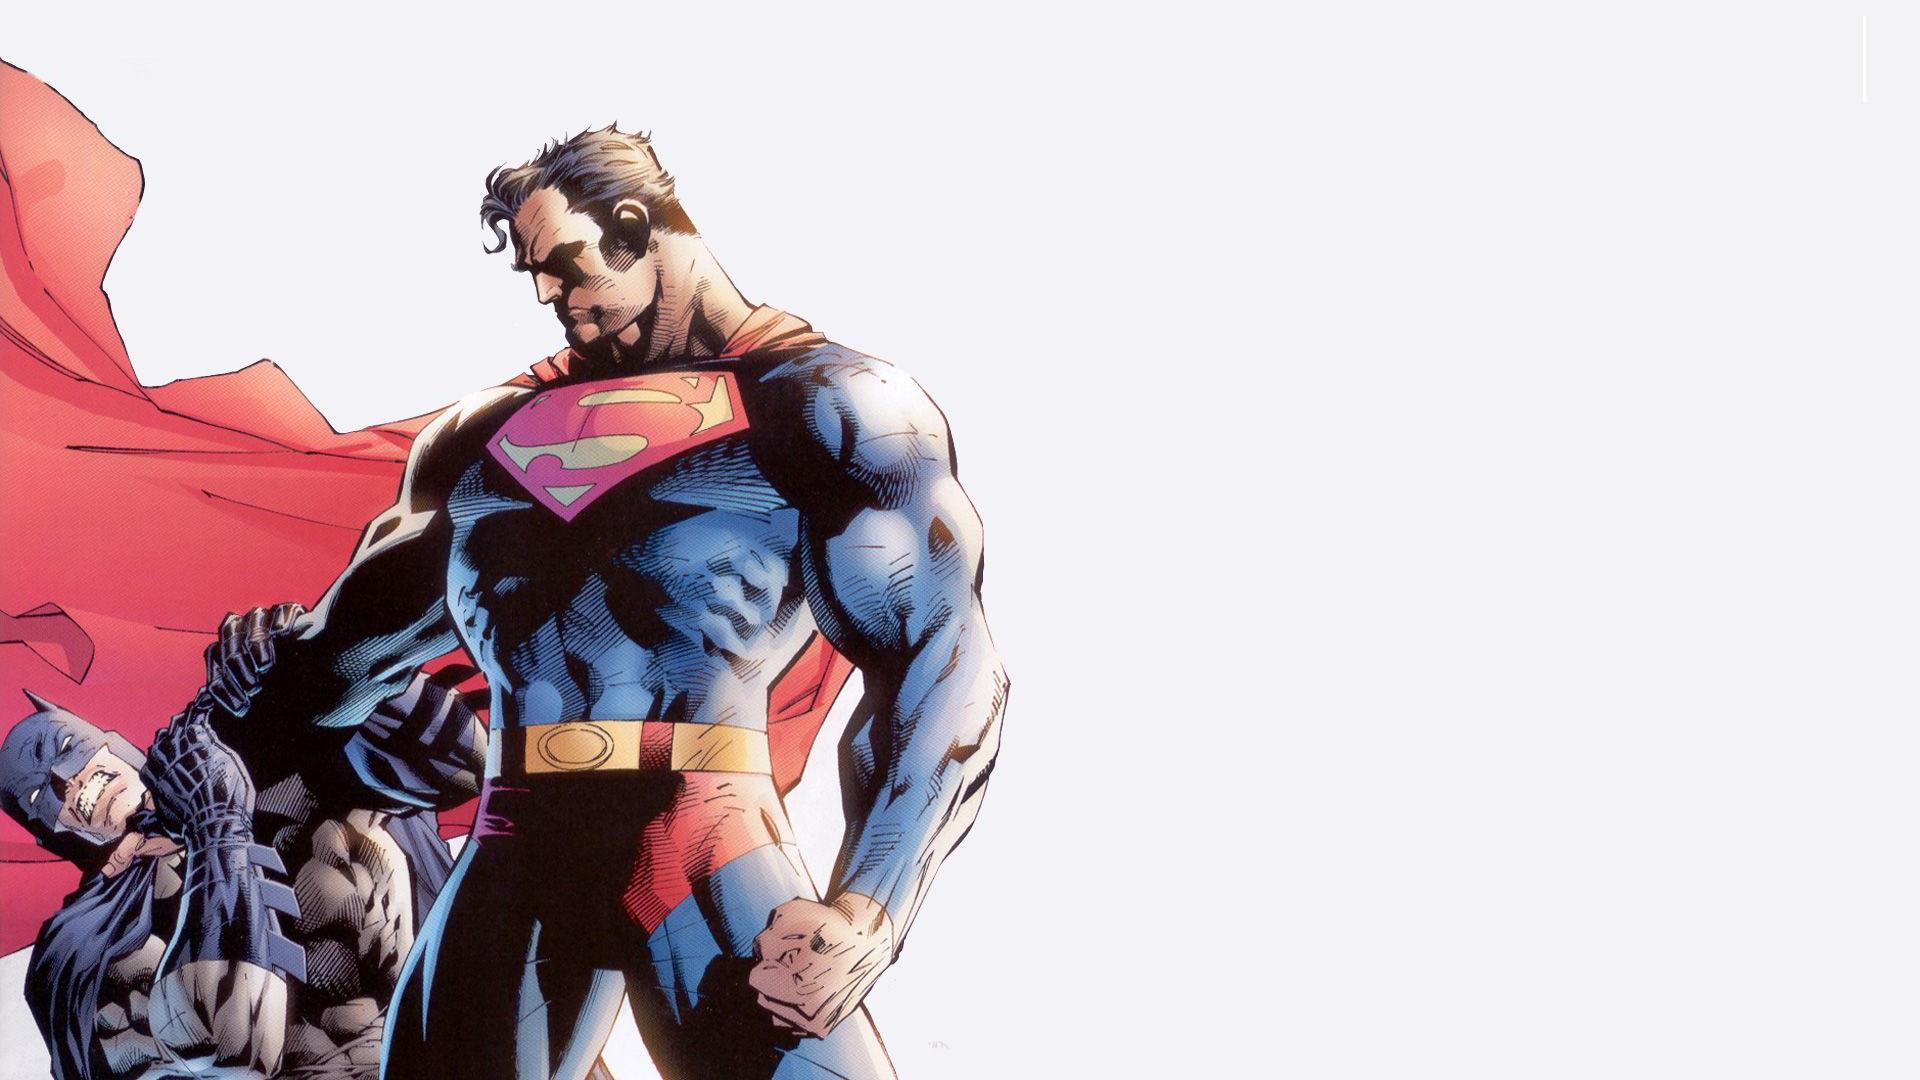 Batman Dc Comics Superman Jim Lee Case Hd Wallpaper